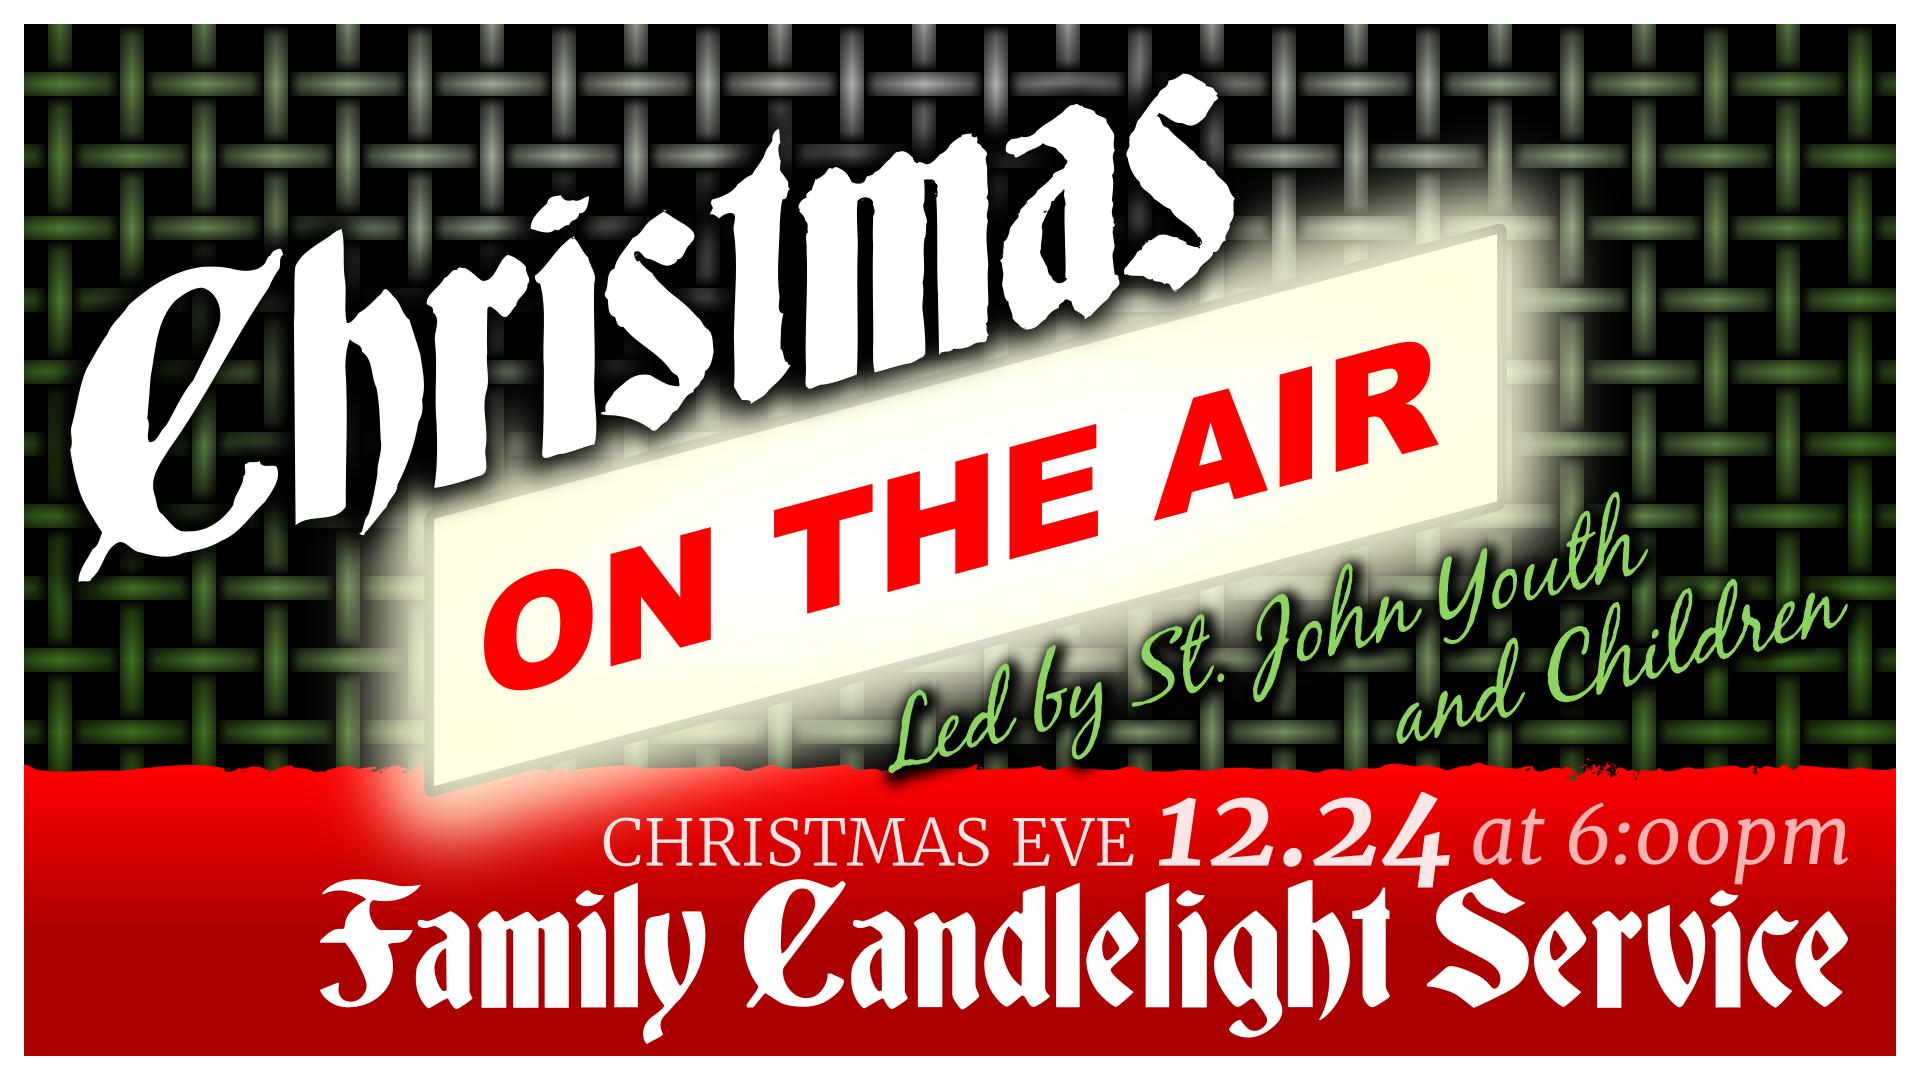 2017 Christmas Eve SLIDE 12.24 Christmas On the Air.png